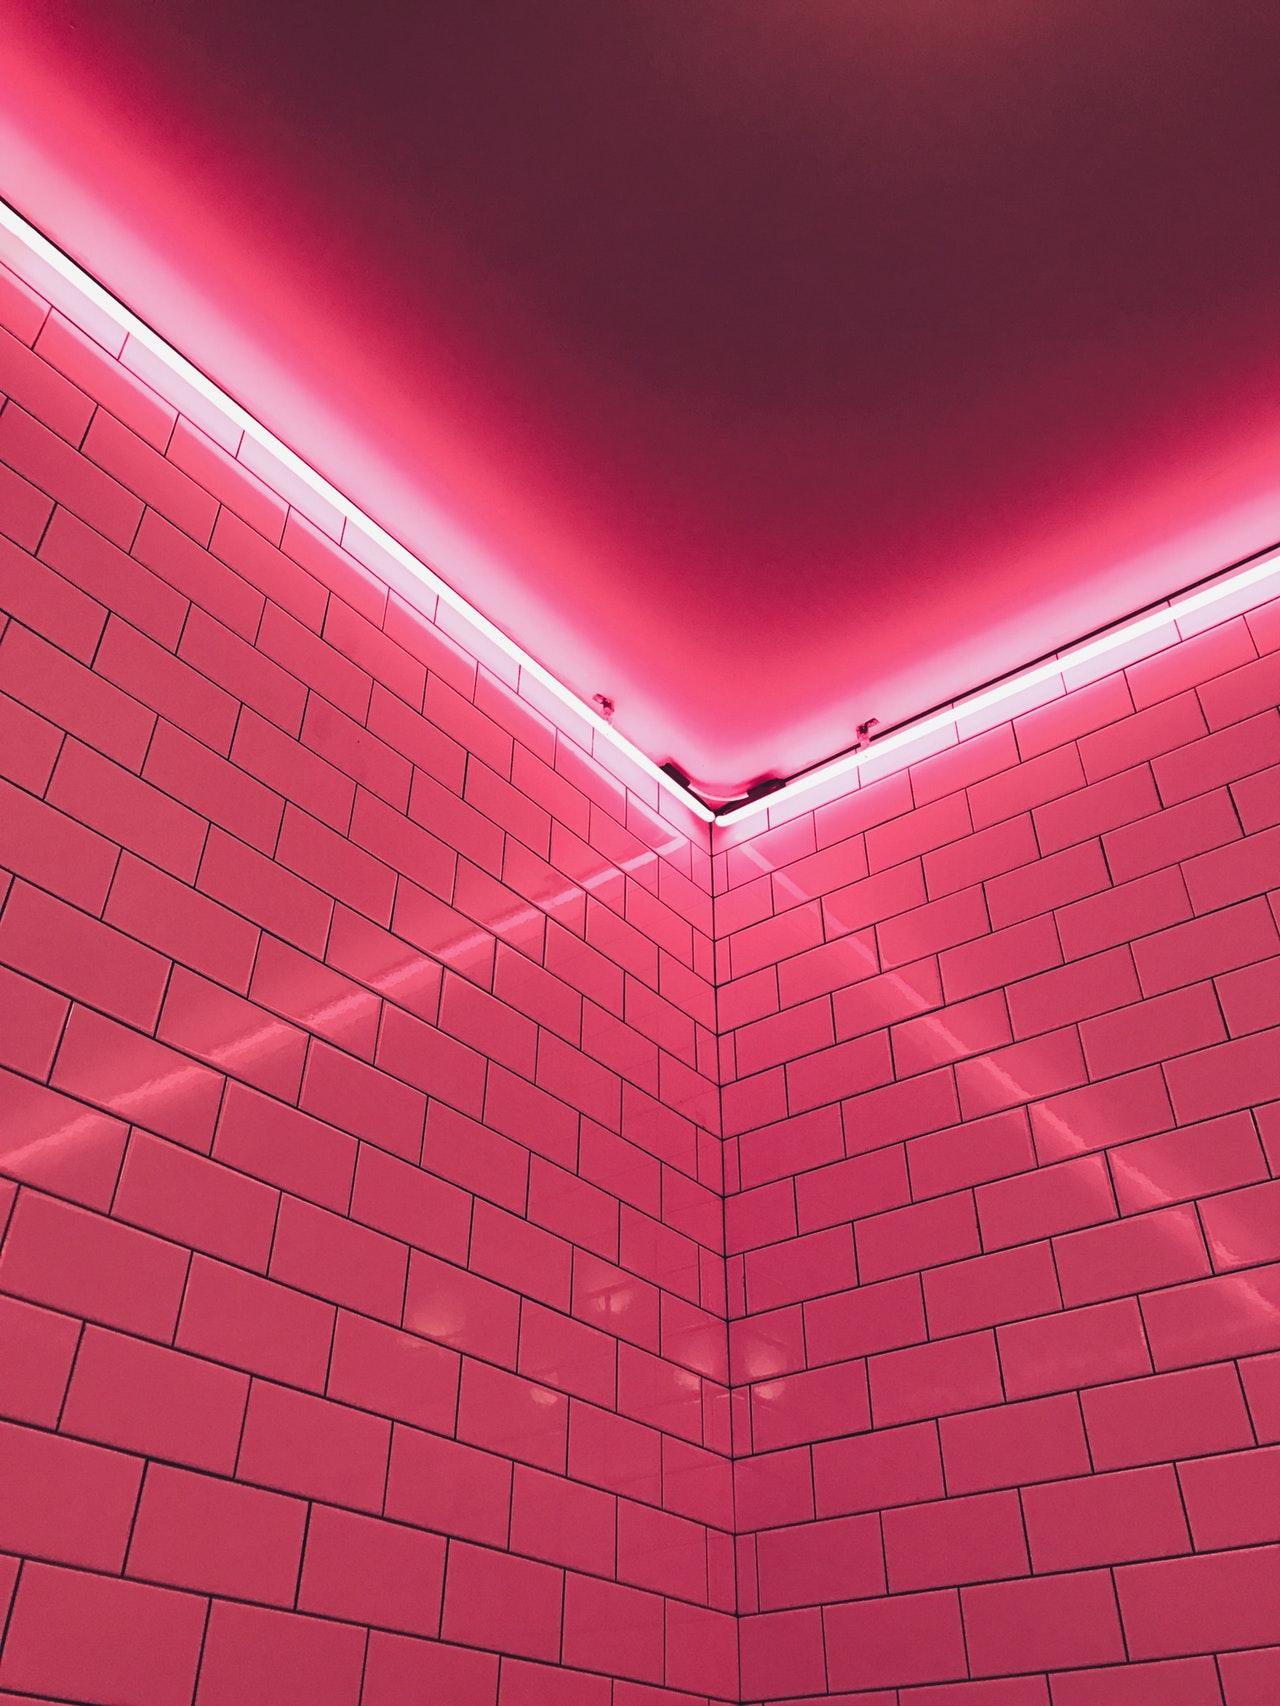 Lys og lysterapi er en vigtig komponent indenfor sansestimuli